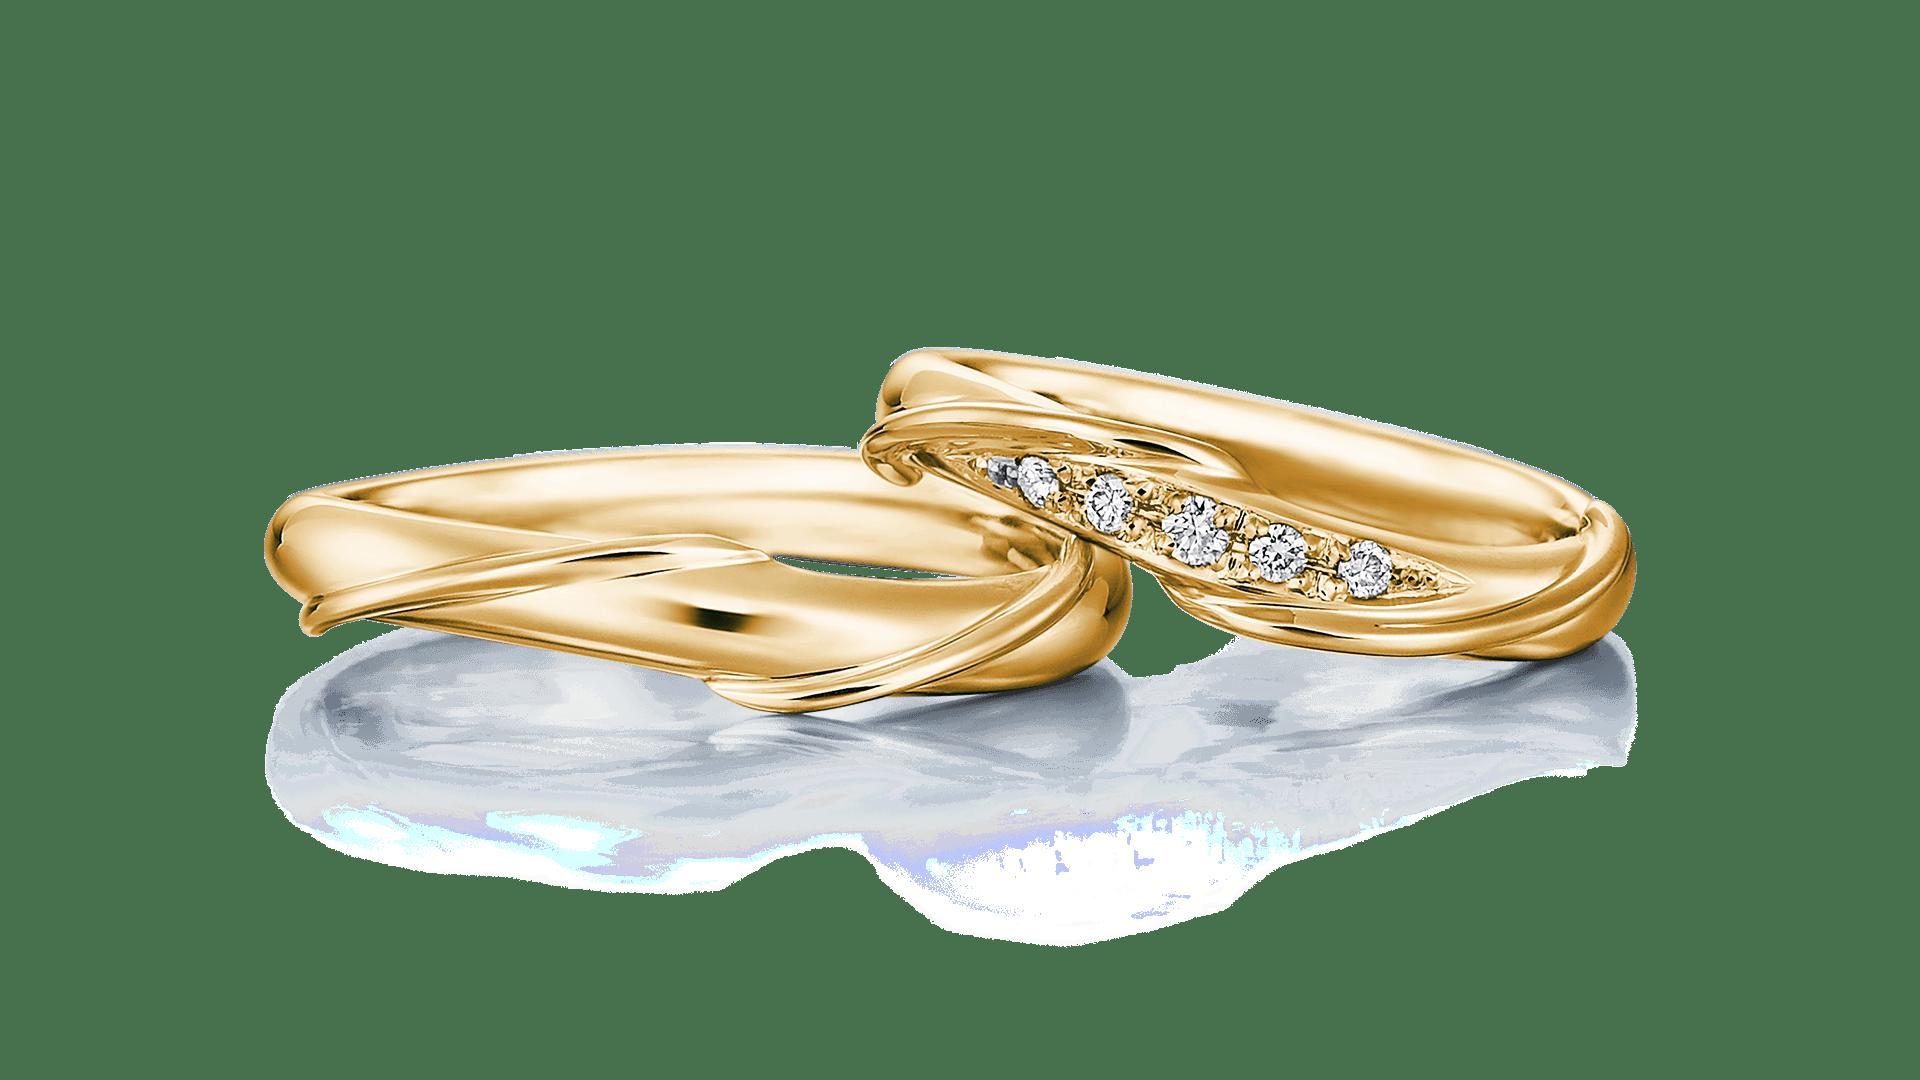 neptune ネプチューン | 結婚指輪サムネイル 1